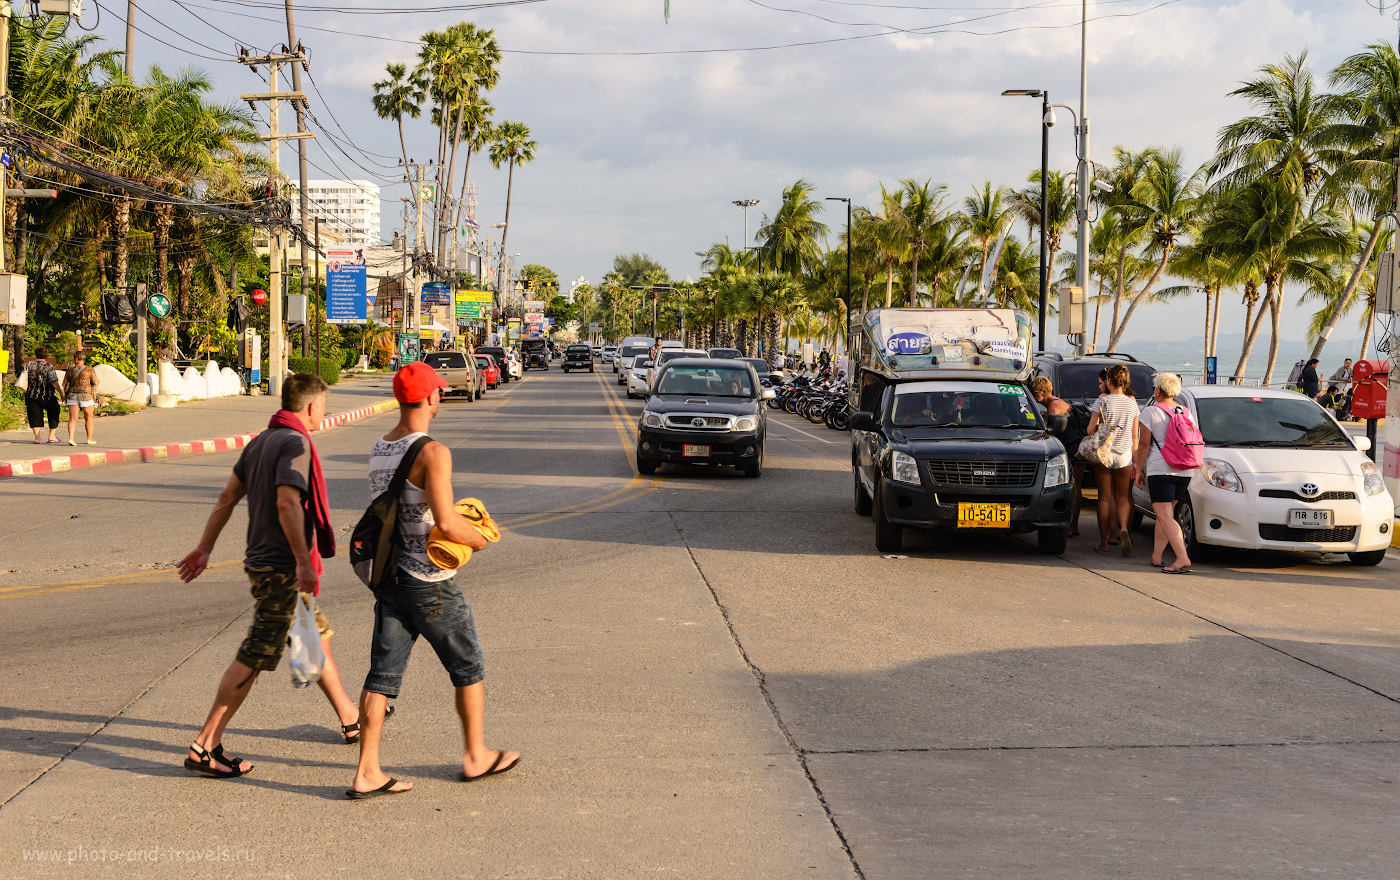 Фотография 7. Начало улицы Jomtien Beach Road на пляже Джомтьен. Чтобы сесть в тук-тук, просто сделайте знак рукой. Оплата водителю – 10 бат после доставки к нужному месту. 1/125, 9.0, 100, 38.